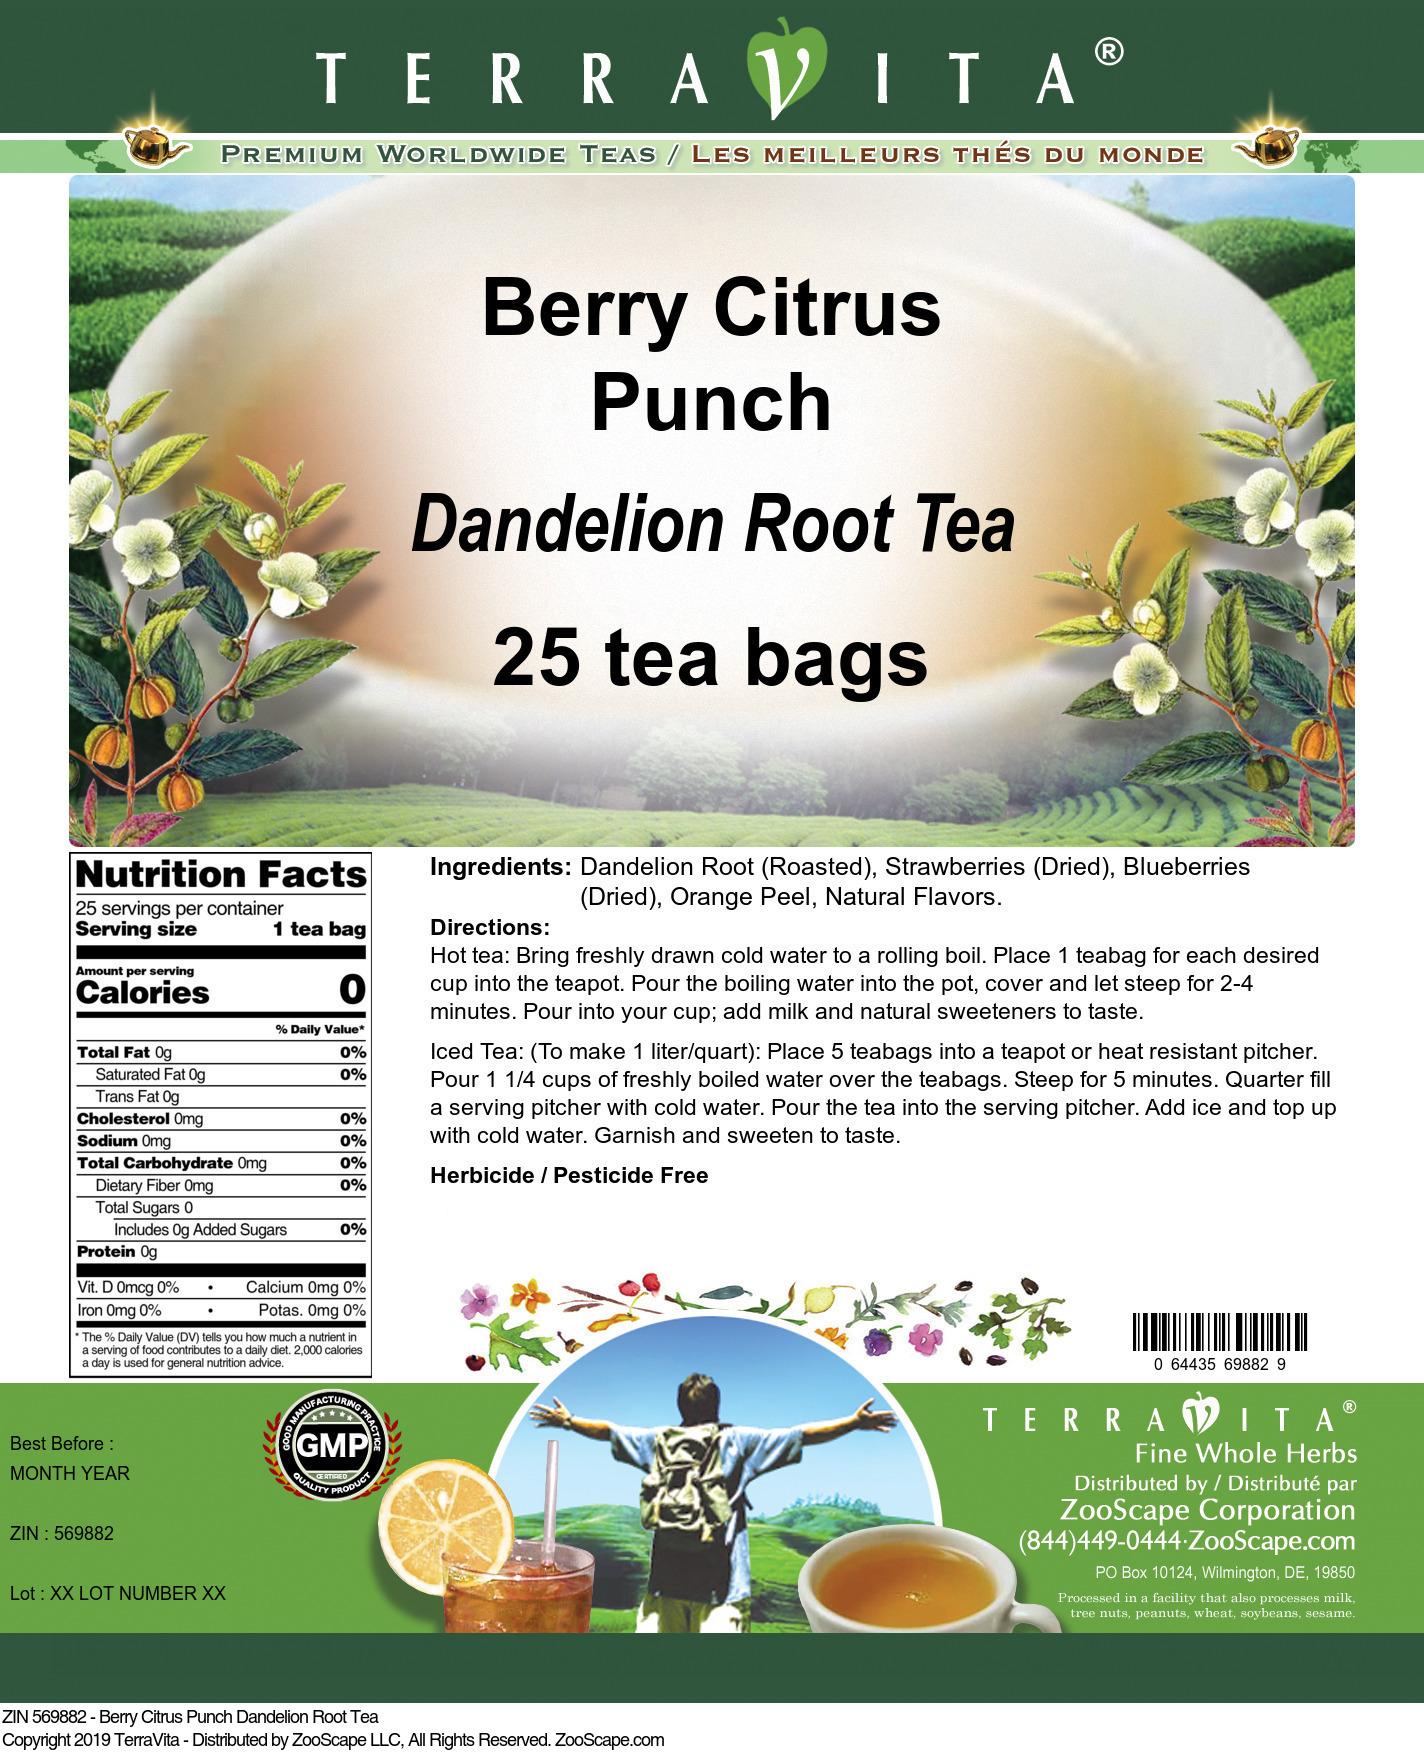 Berry Citrus Punch Dandelion Root